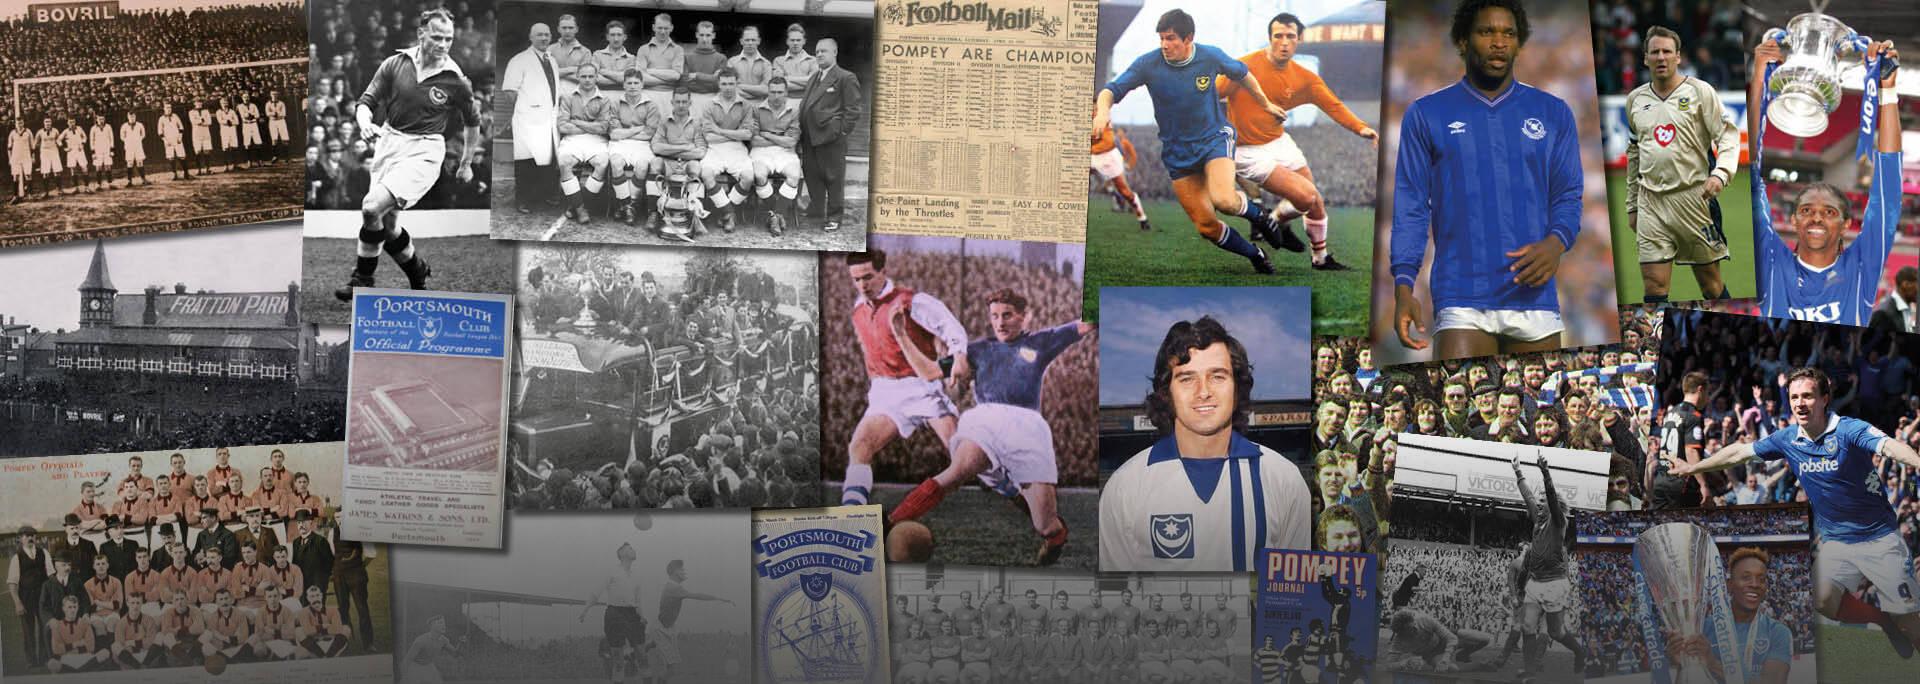 Portsmouth Football Club - Since 1898